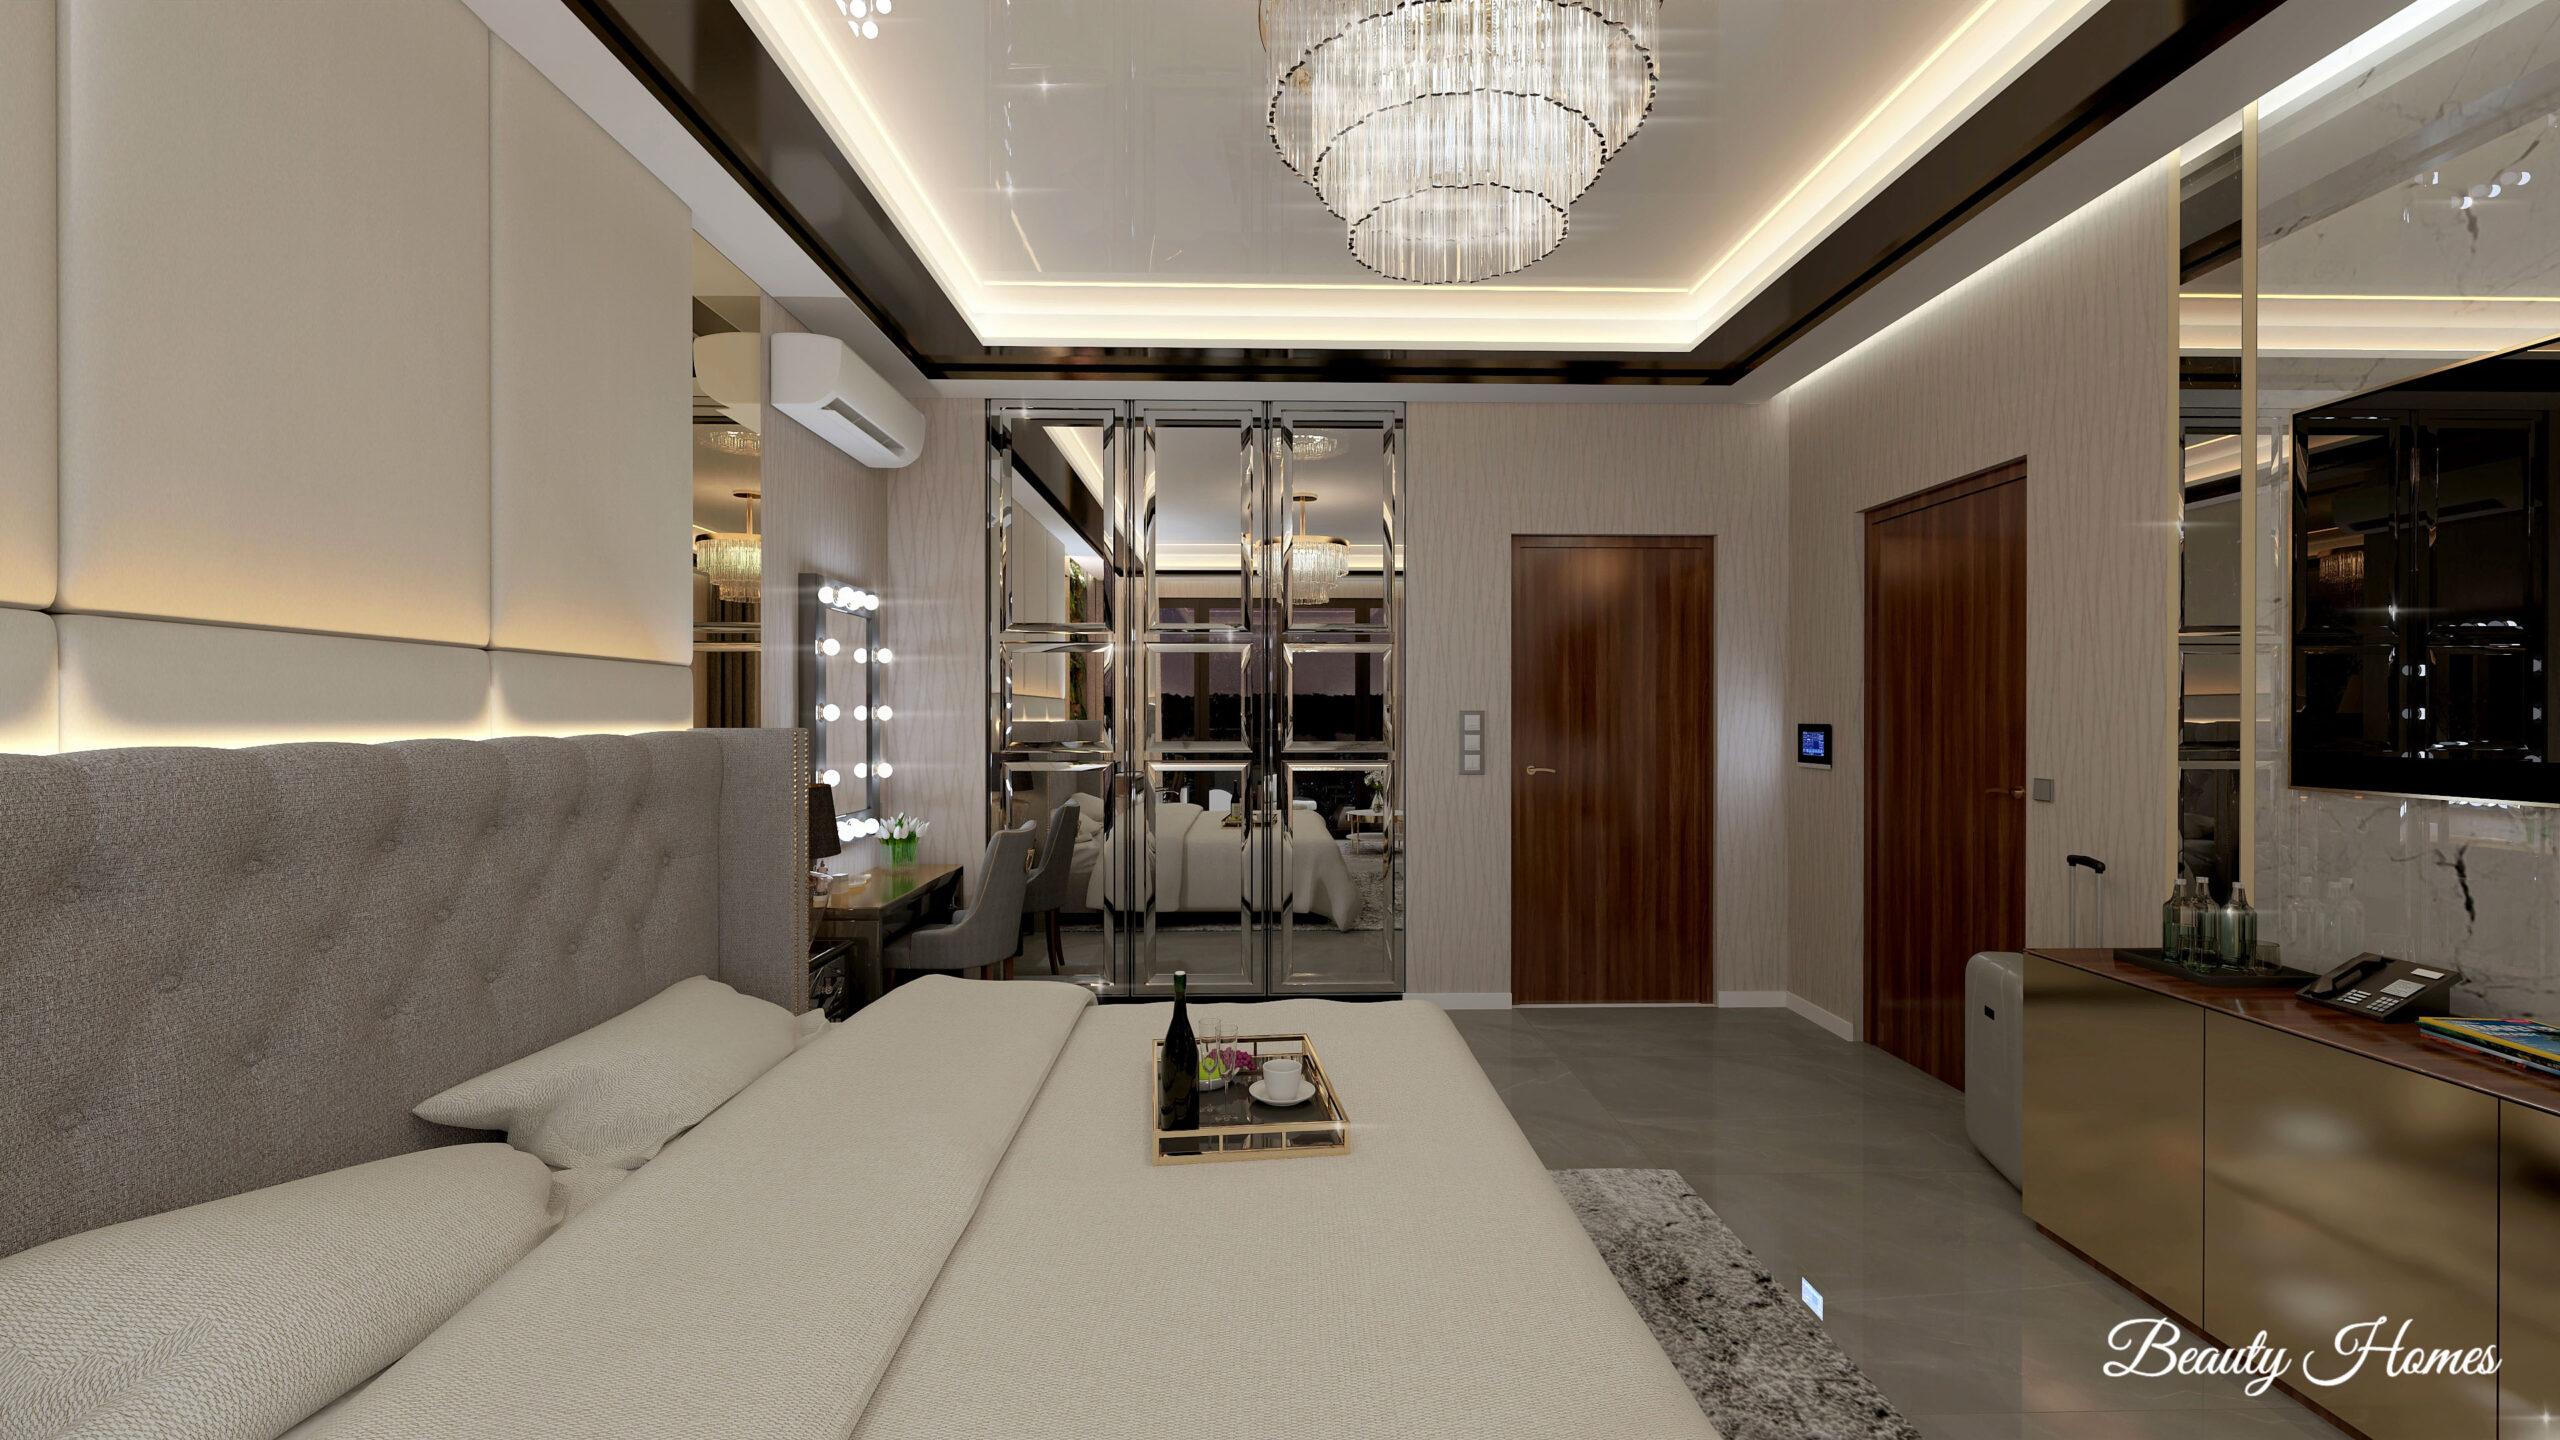 Beauty Homes Interior Design Projektowanie Wnętrz Radom